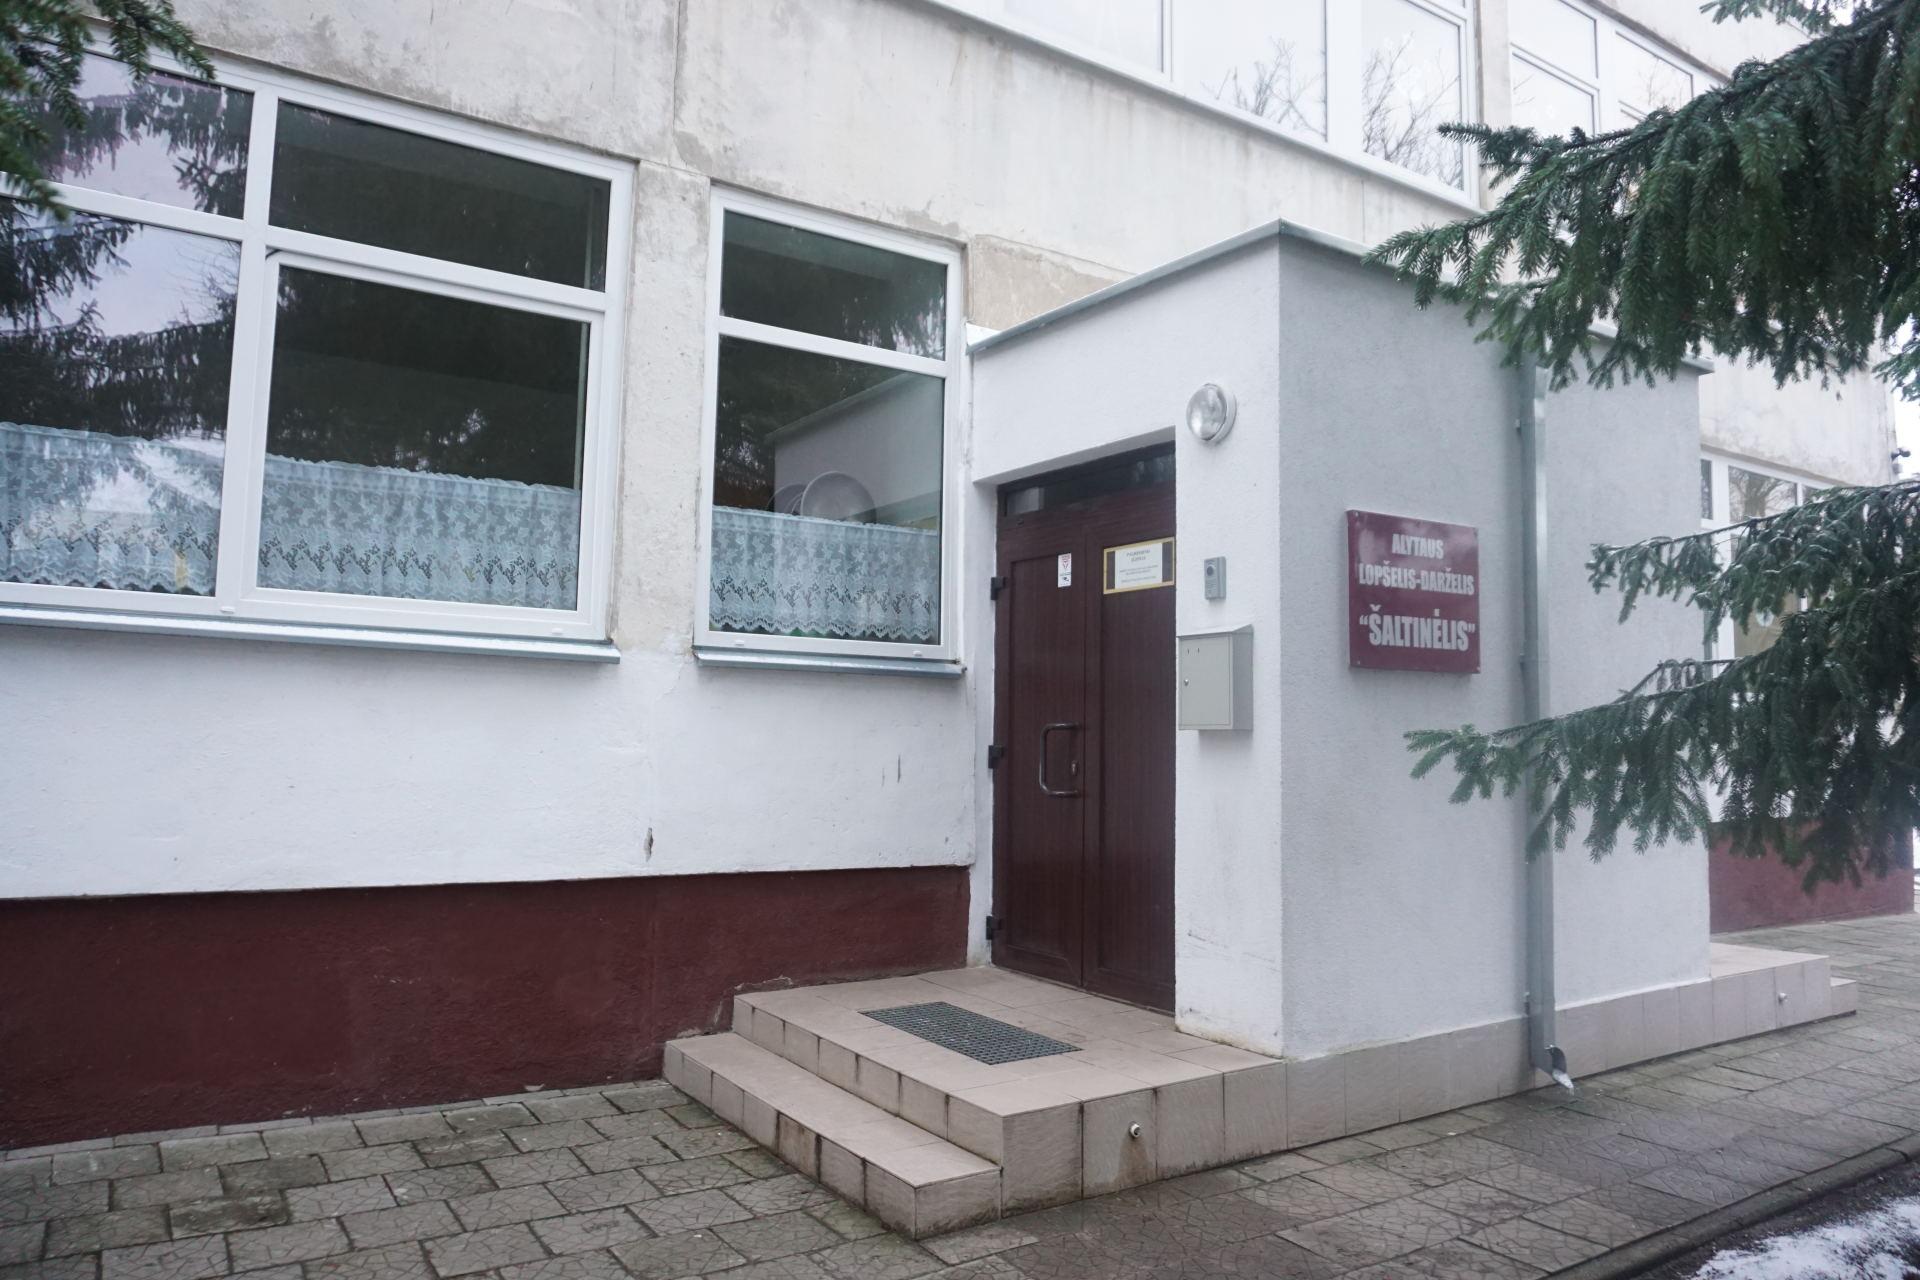 Iš buvusios lopšelio-darželio direktorės savivaldybė sieks išsiieškoti per 40 tūkst. Eur  žalos atlyginimo